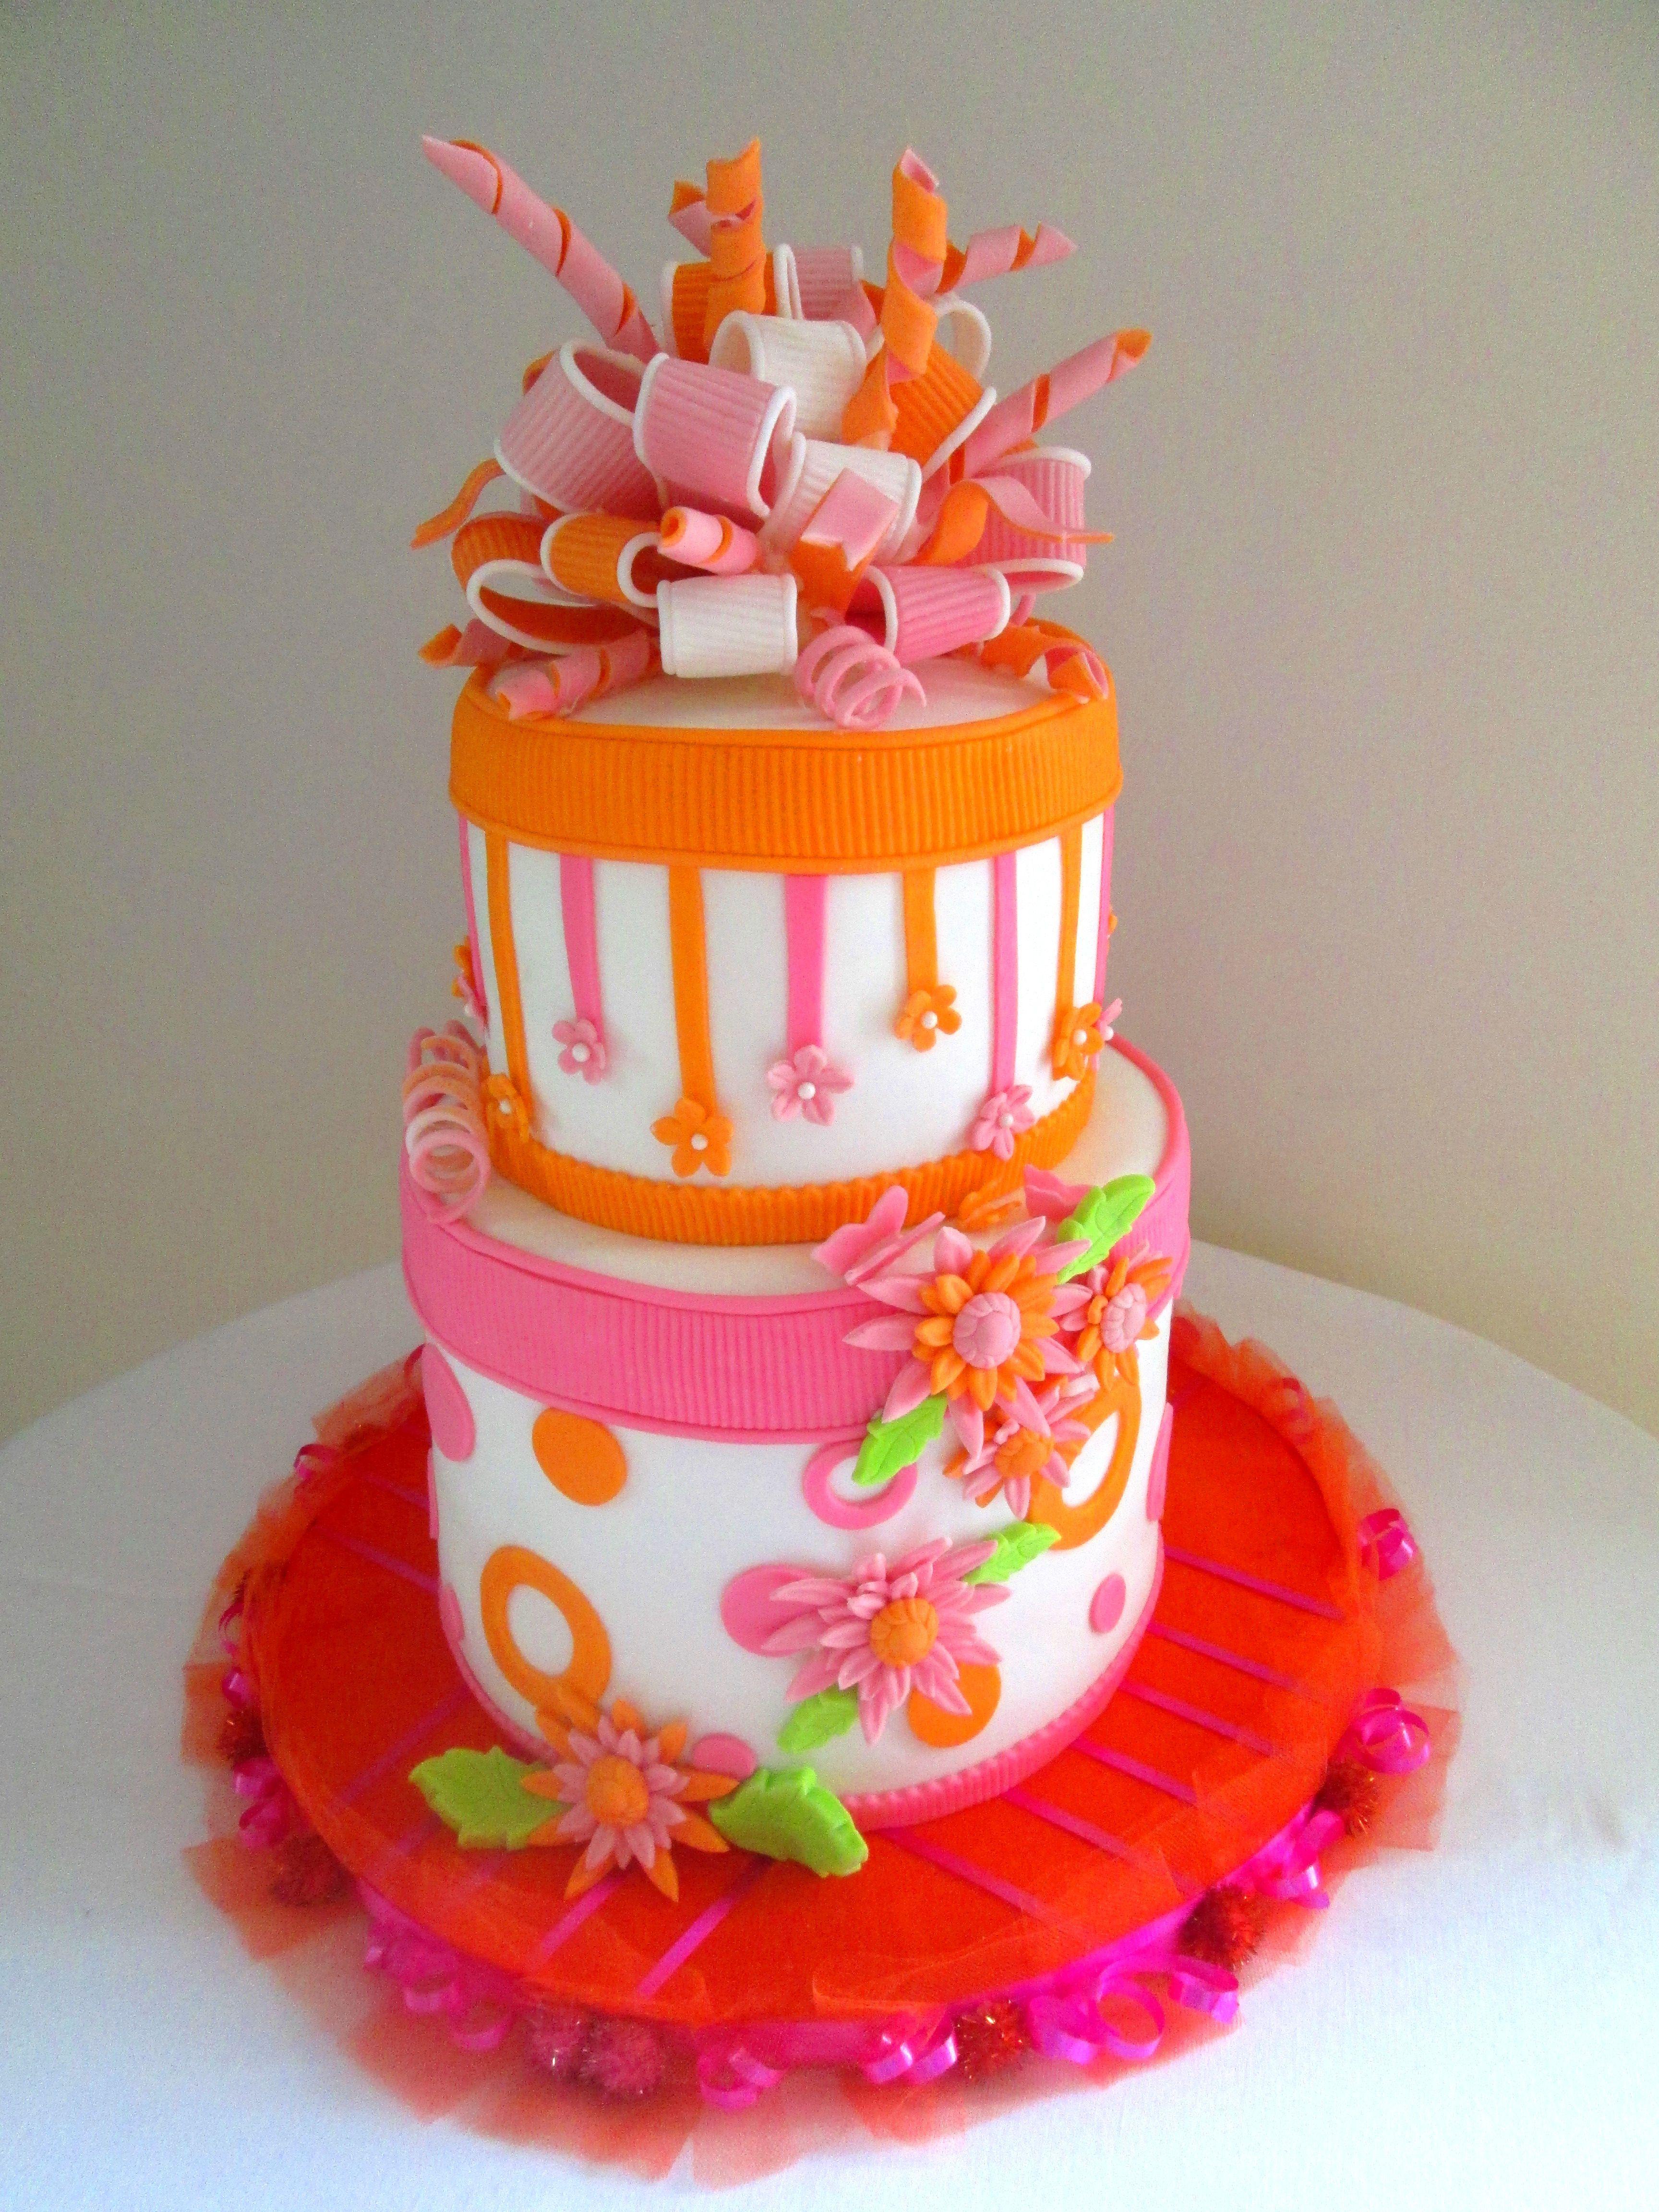 Pinkorange Baby Shower Cakes I Wanna Make Pinterest Cake